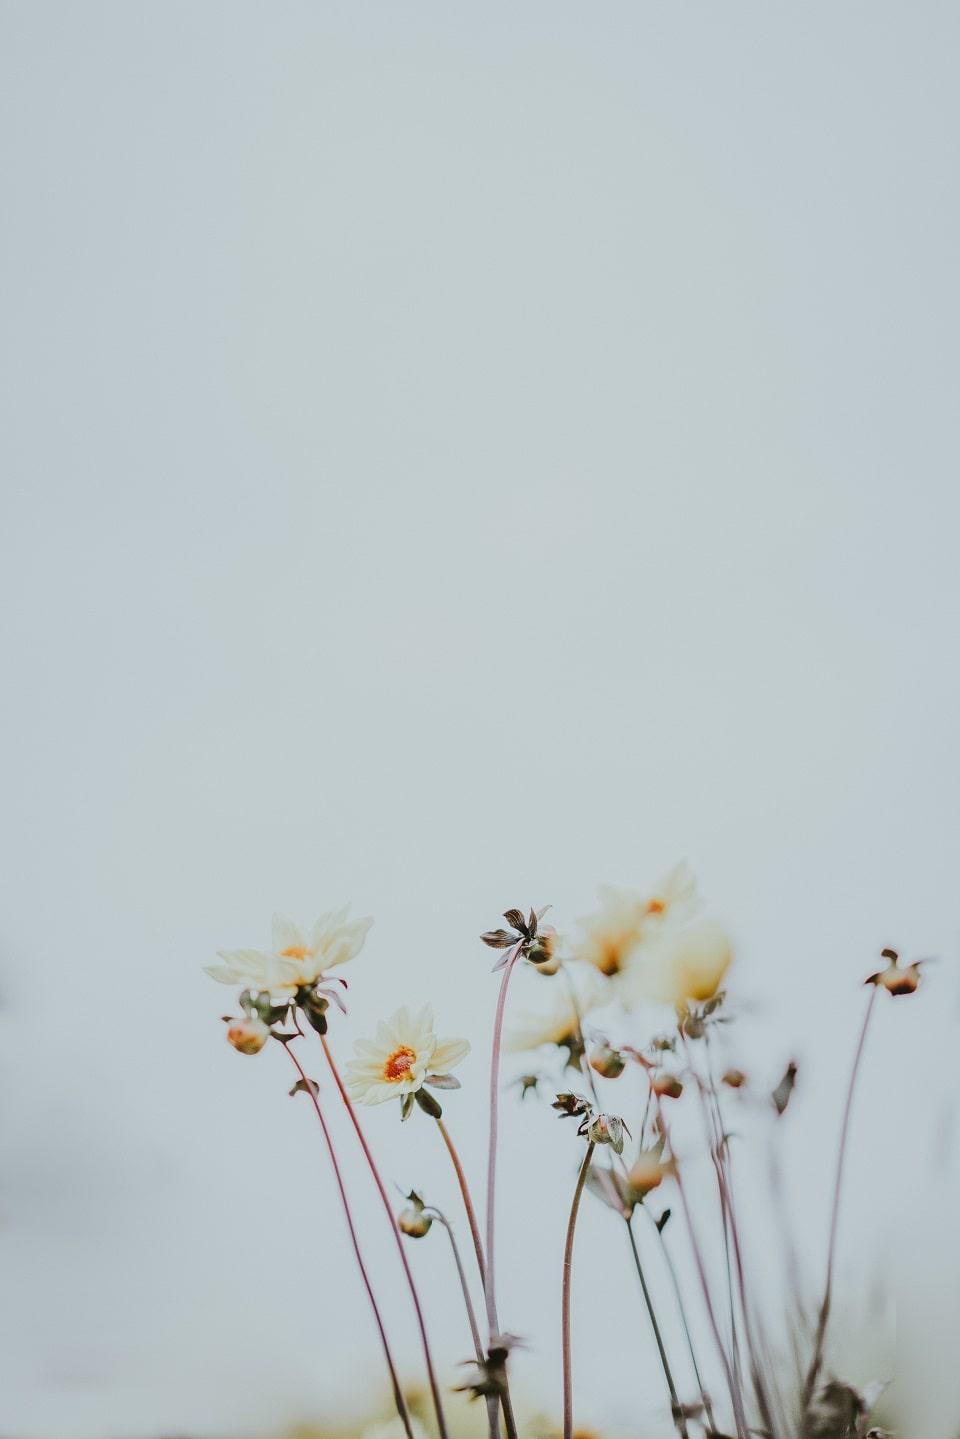 zaproszenia ślubne z motywem kwiatów zaprosnaslub